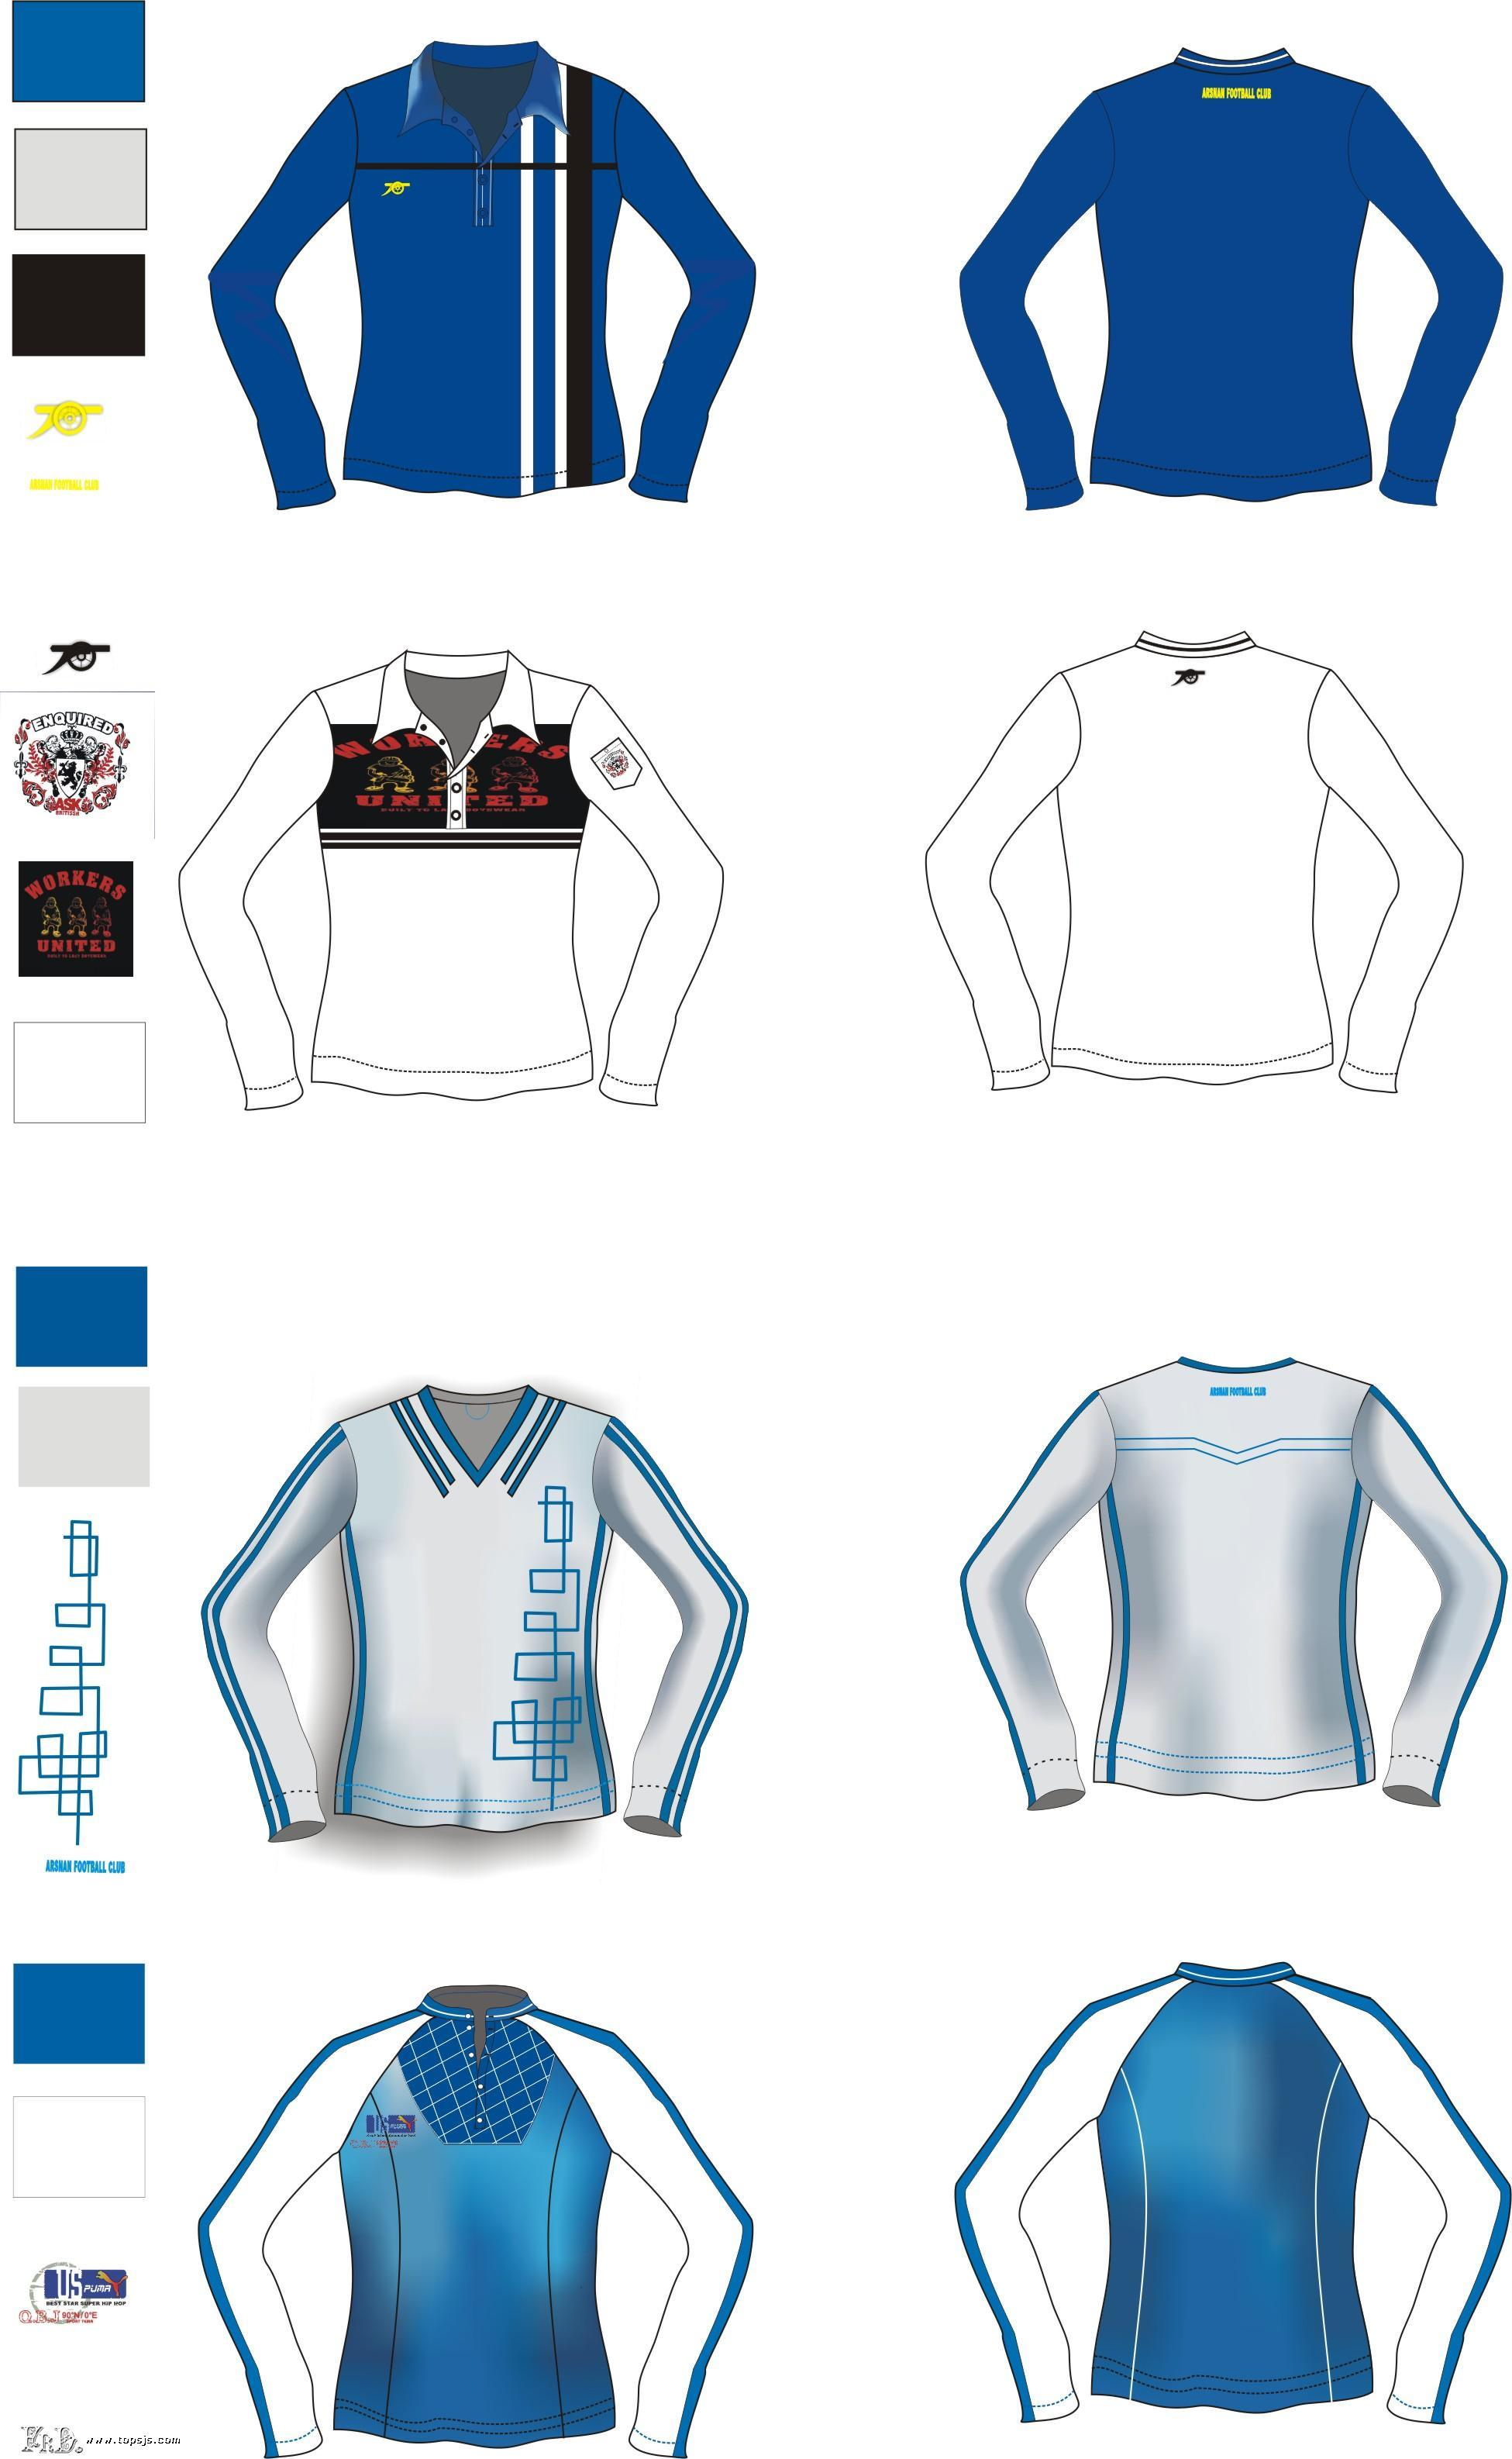 骑自行车,游泳等运动,因而网球服和横条纹的水手衫等流行一时.